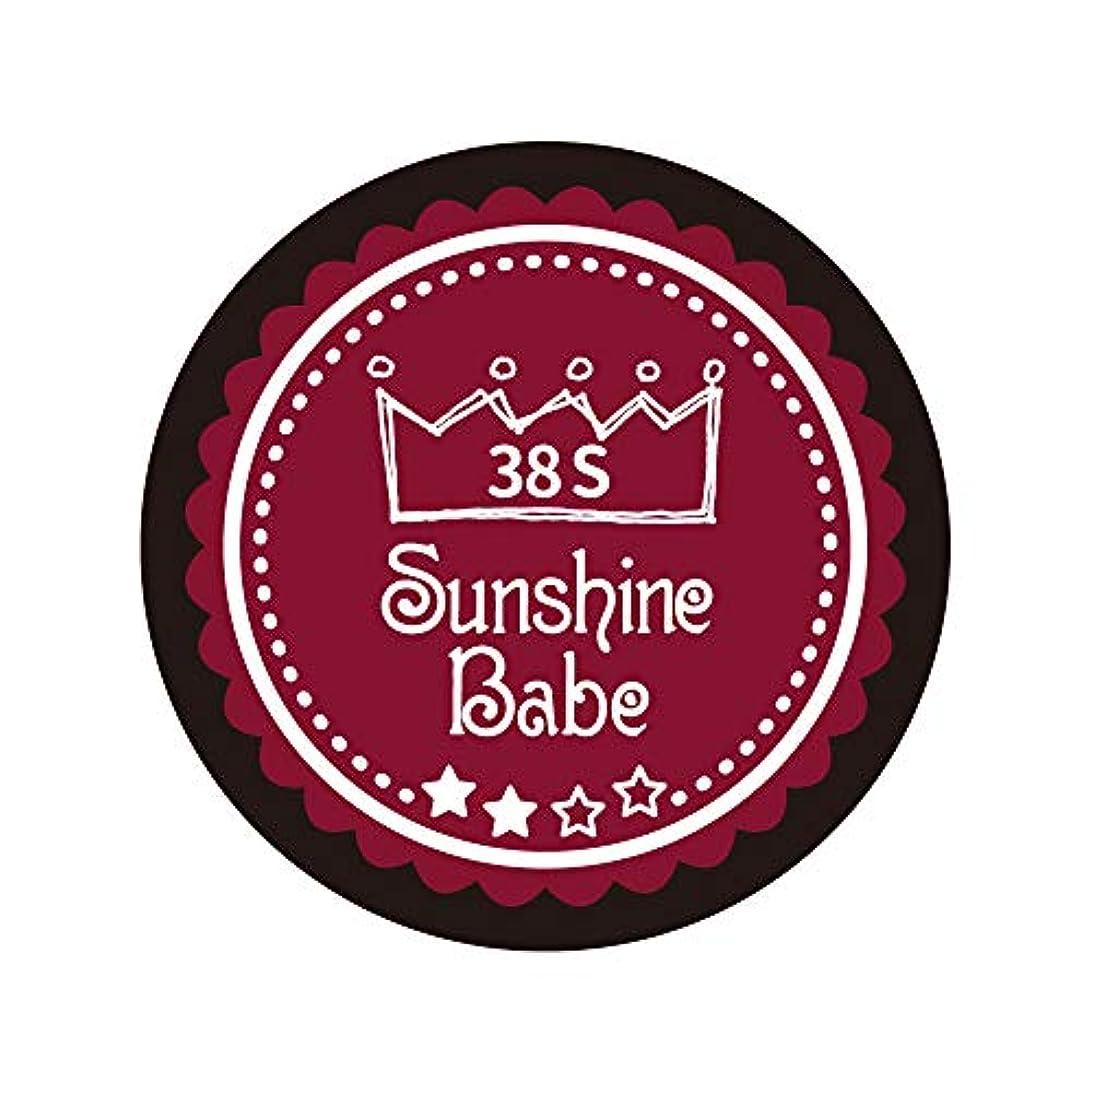 連結するちっちゃい神秘的なSunshine Babe カラージェル 38S レッドペア 2.7g UV/LED対応